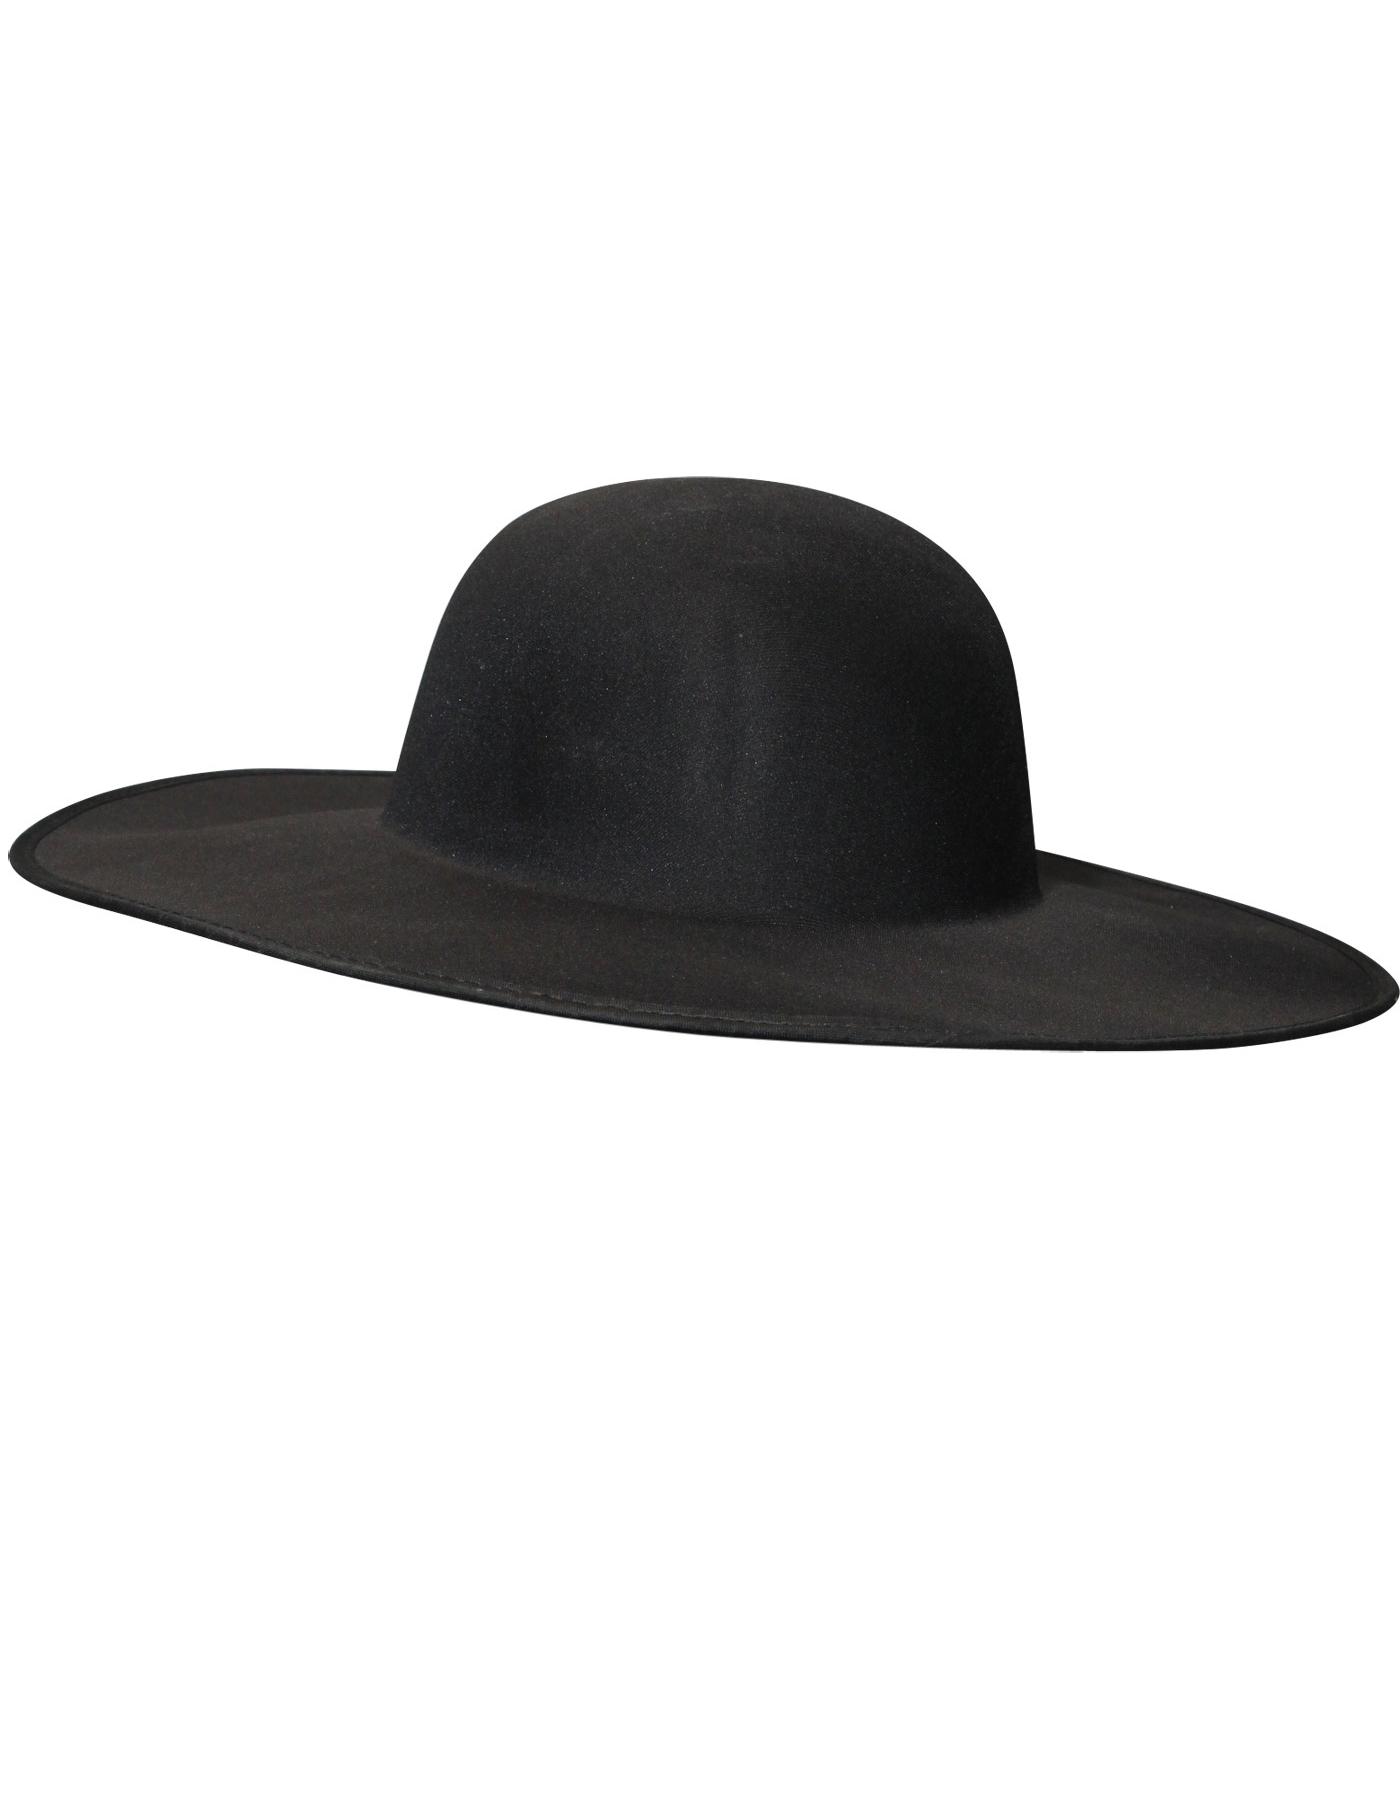 Della Medico Di Vestiti Cappello Cappelli Peste e Da Carnevale PqnwFwCp